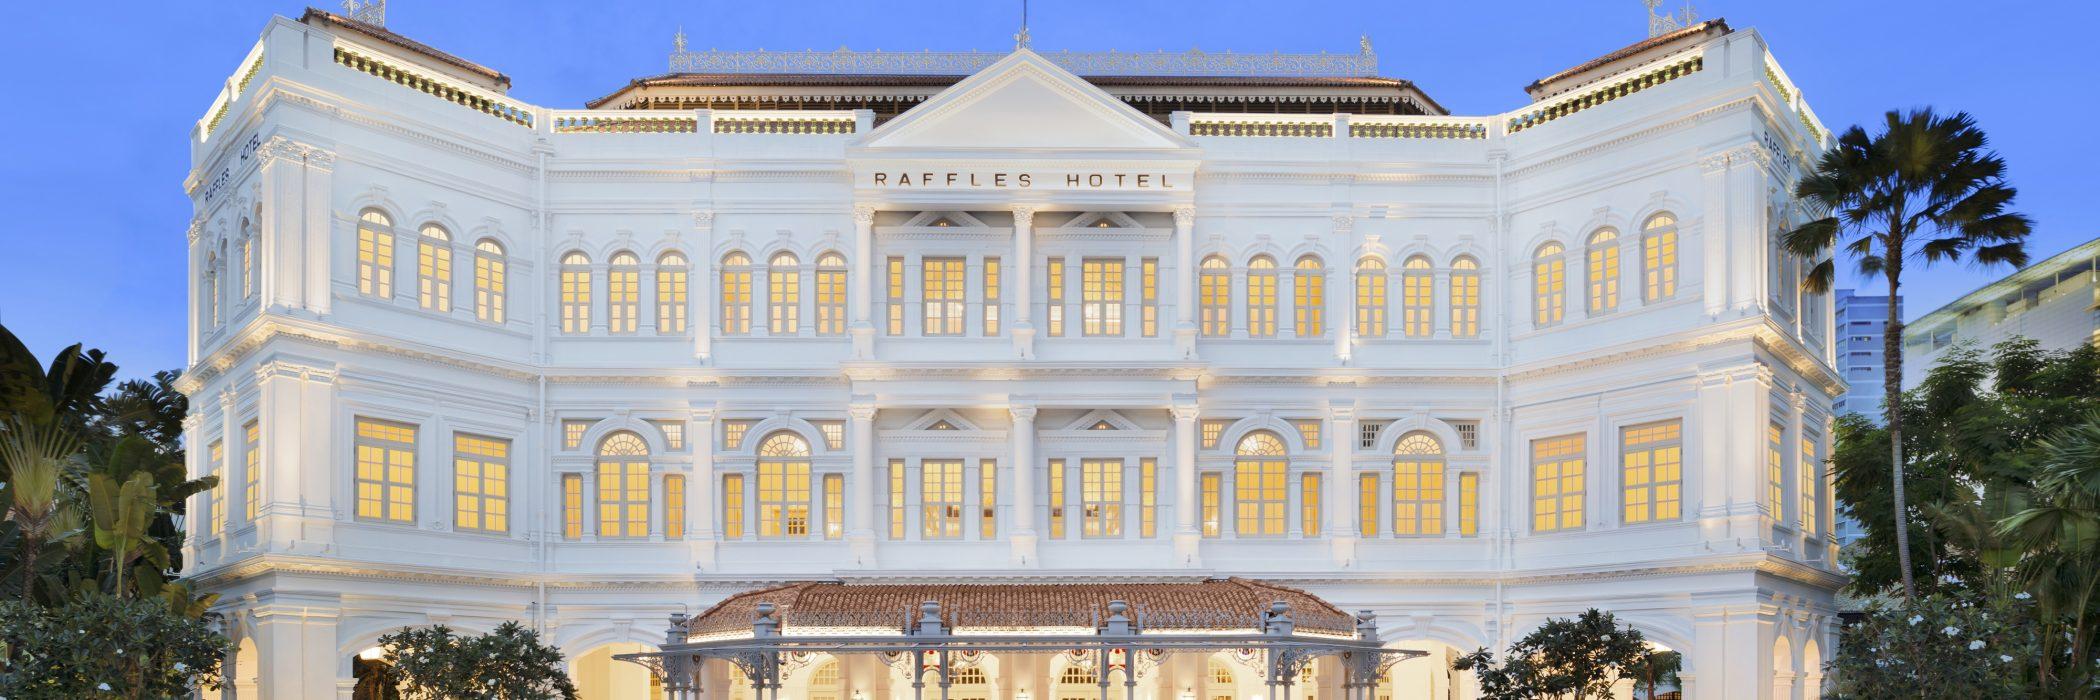 Raffles Singapore - Home Suite Home